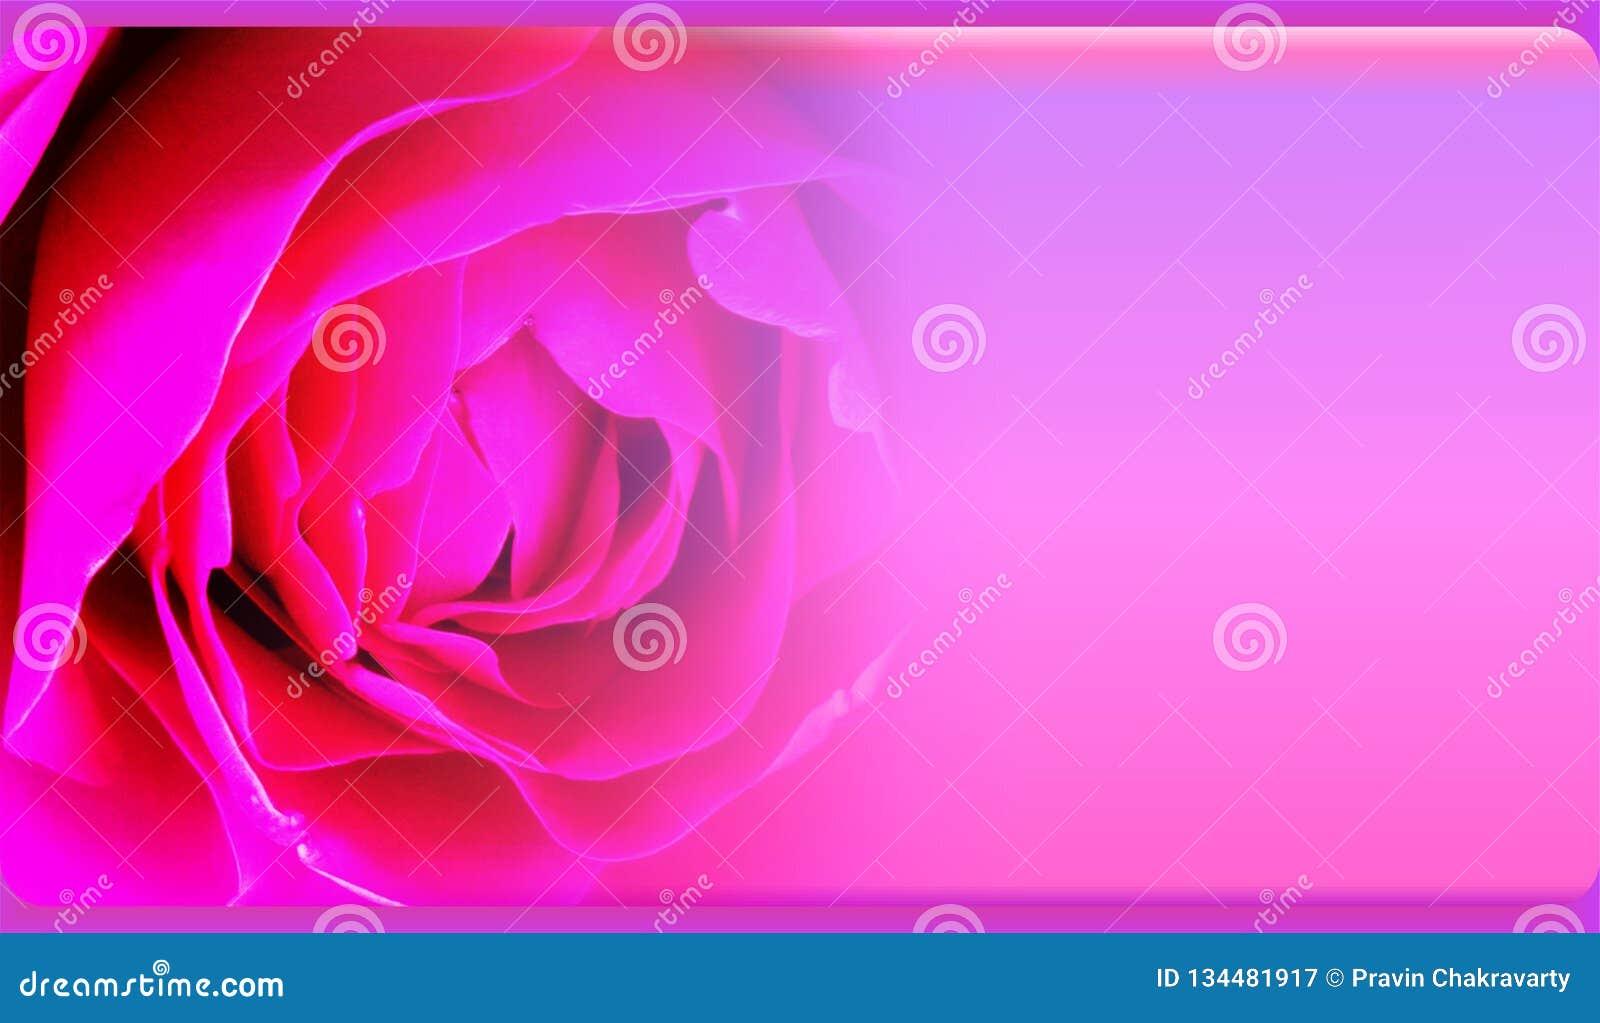 Абстрактный шаблон предпосылки цветка для вебсайта, знамени, визитной карточки, приглашения Абстрактный дизайн шаблона графиков и